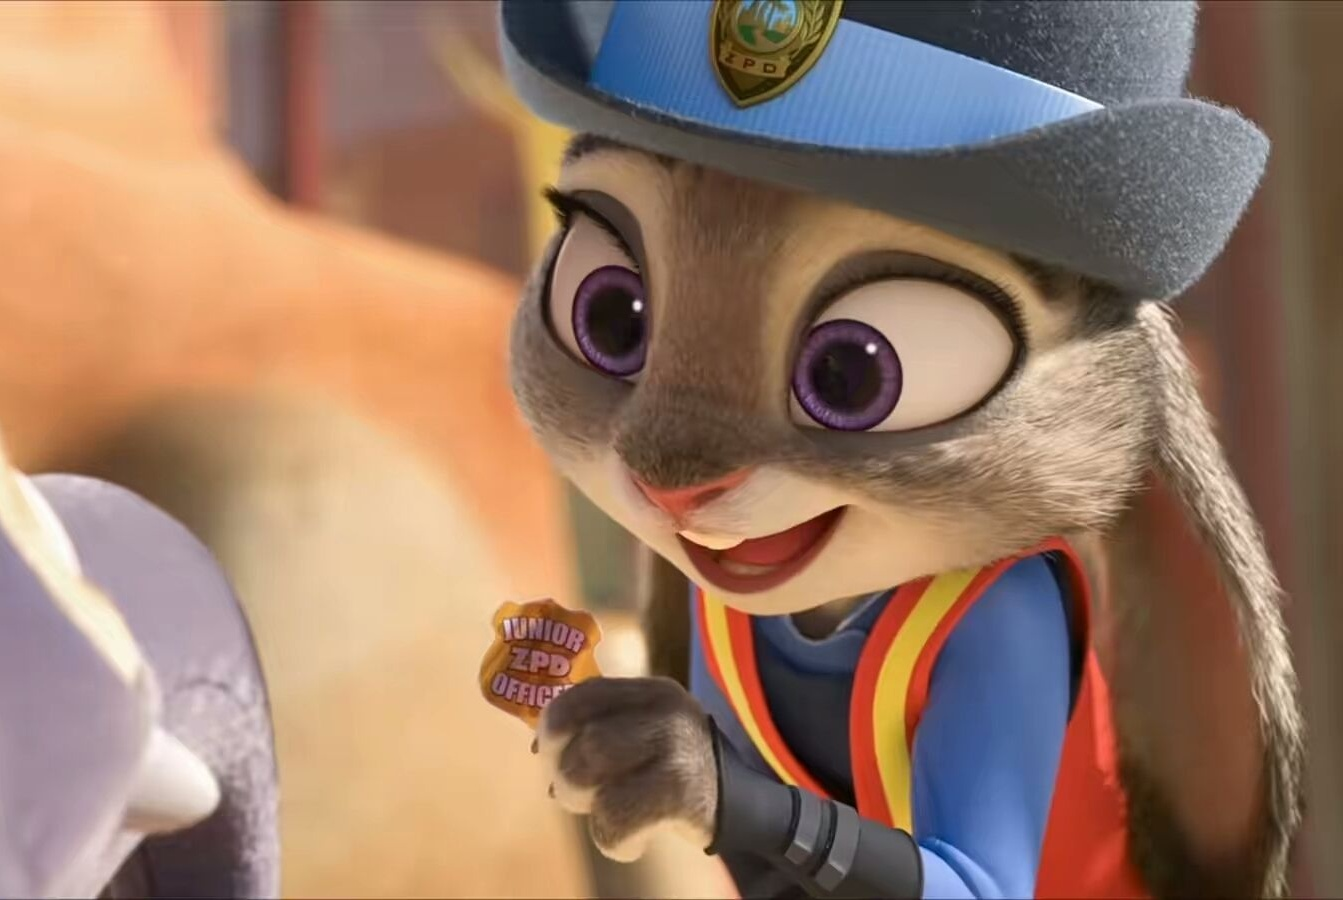 迪士尼导演跳槽到索尼动画,《疯狂动物城》续集是不是看不到呢?